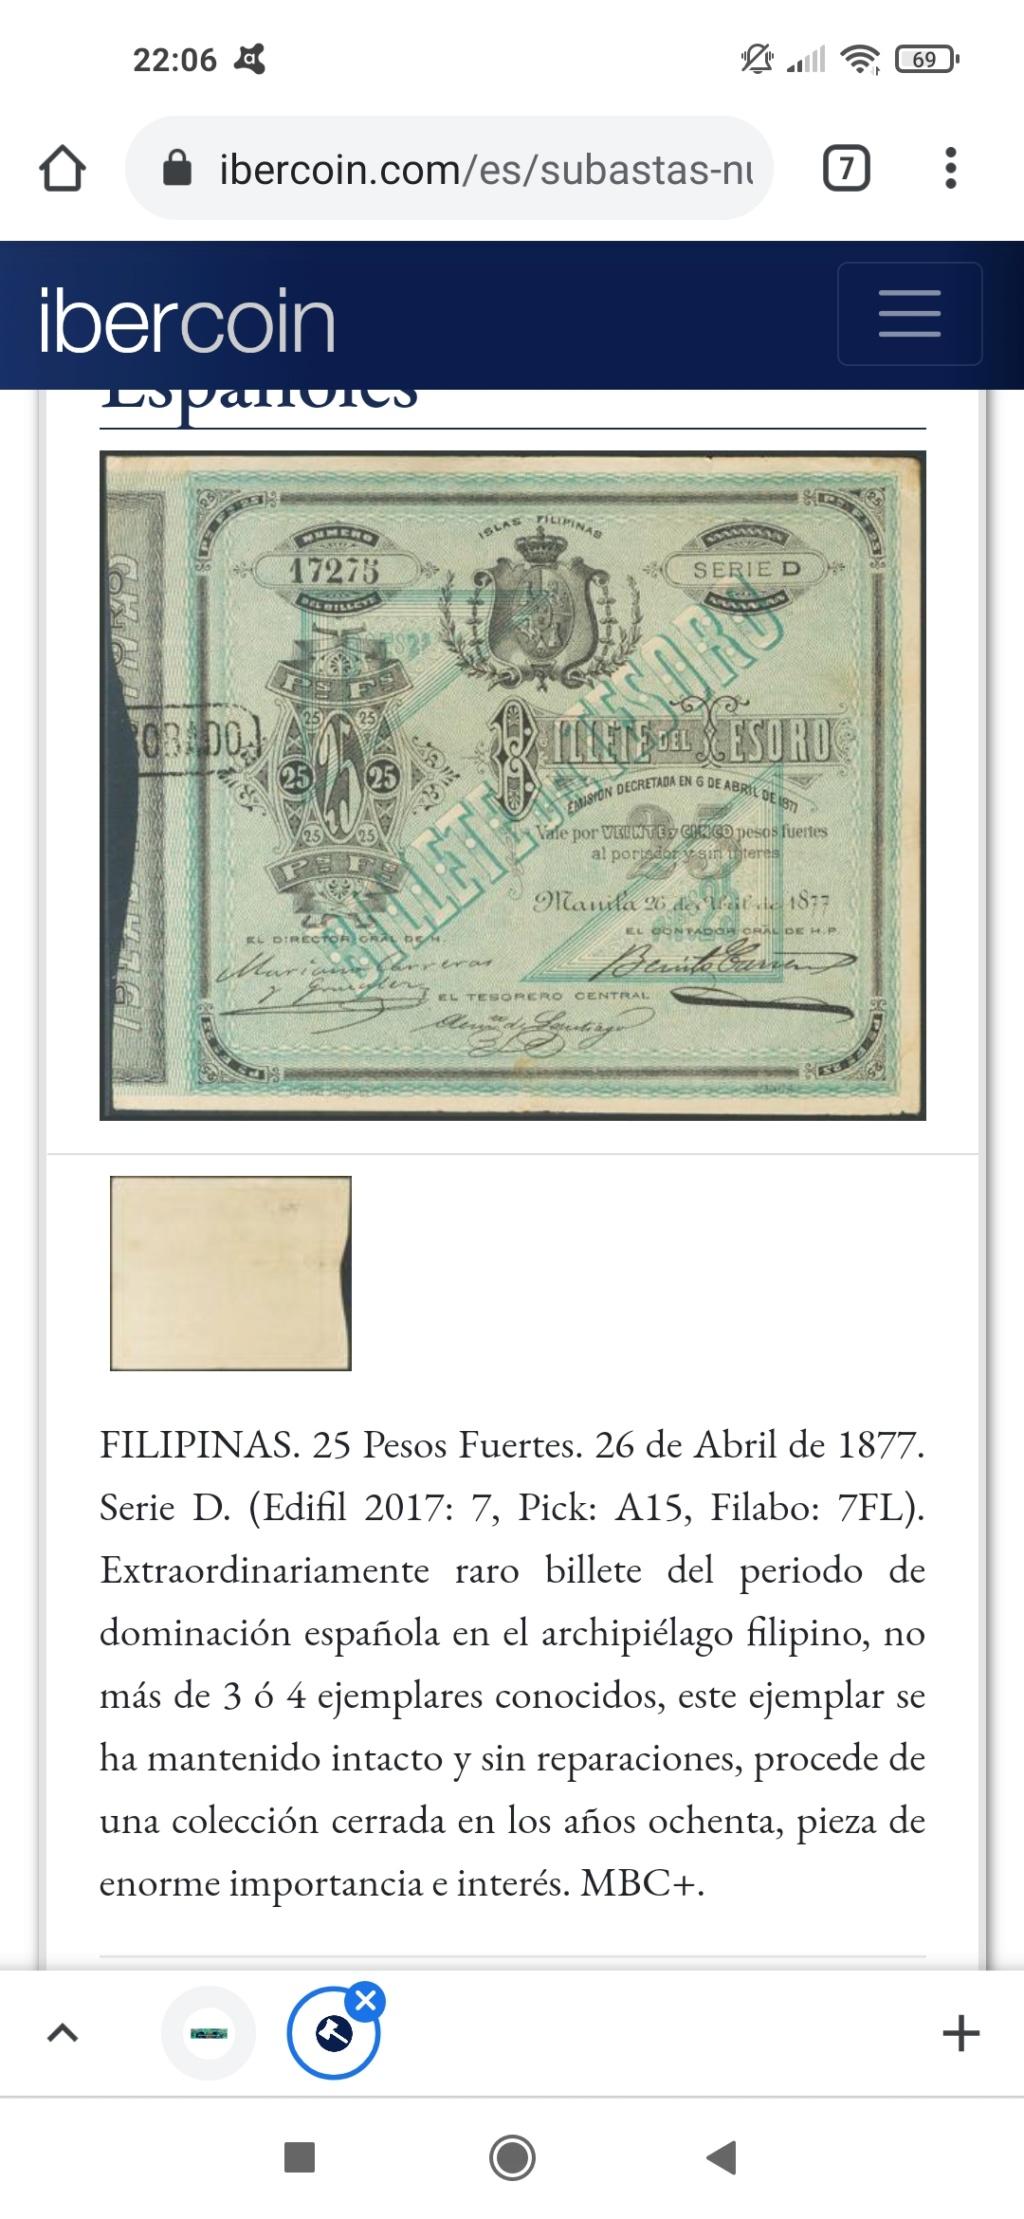 SEMANA ULTRAMAR : CUBA - PUERTO RICO -  FILIPINAS - SANTO DOMINGO - Página 4 Screen61